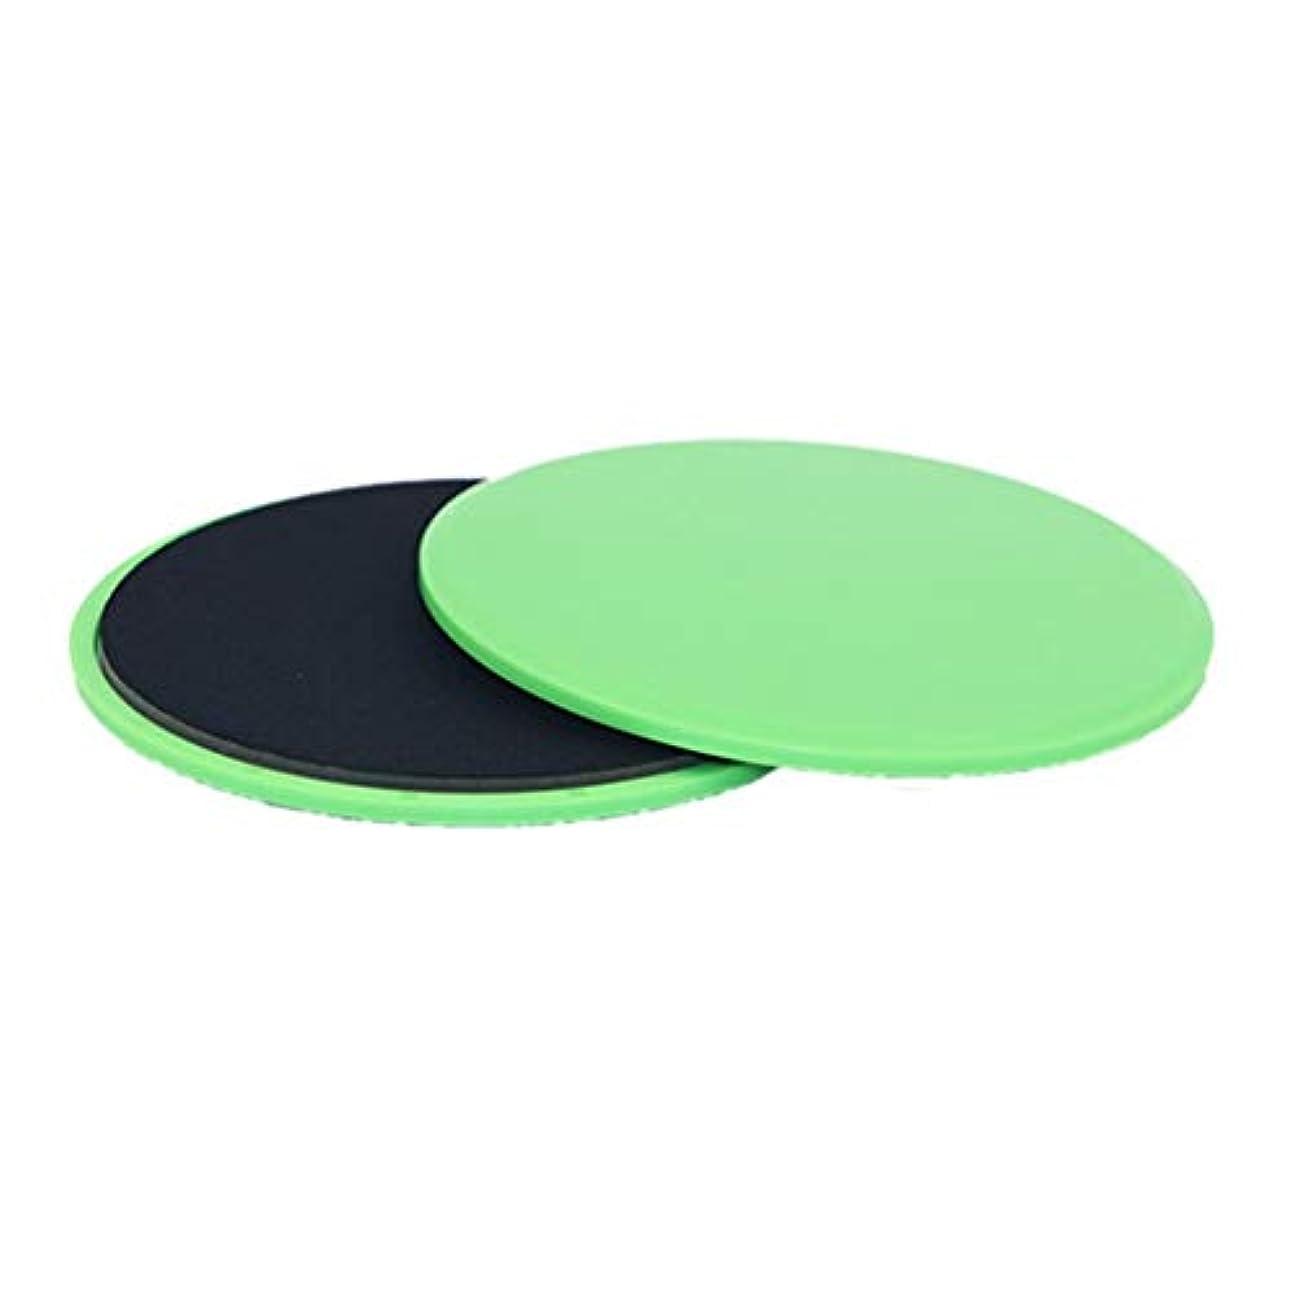 ダイバー底検出するフィットネススライドグライディングディスクコーディネーション能力フィットネスエクササイズスライダーコアトレーニング用腹部と全身トレーニング - グリーン